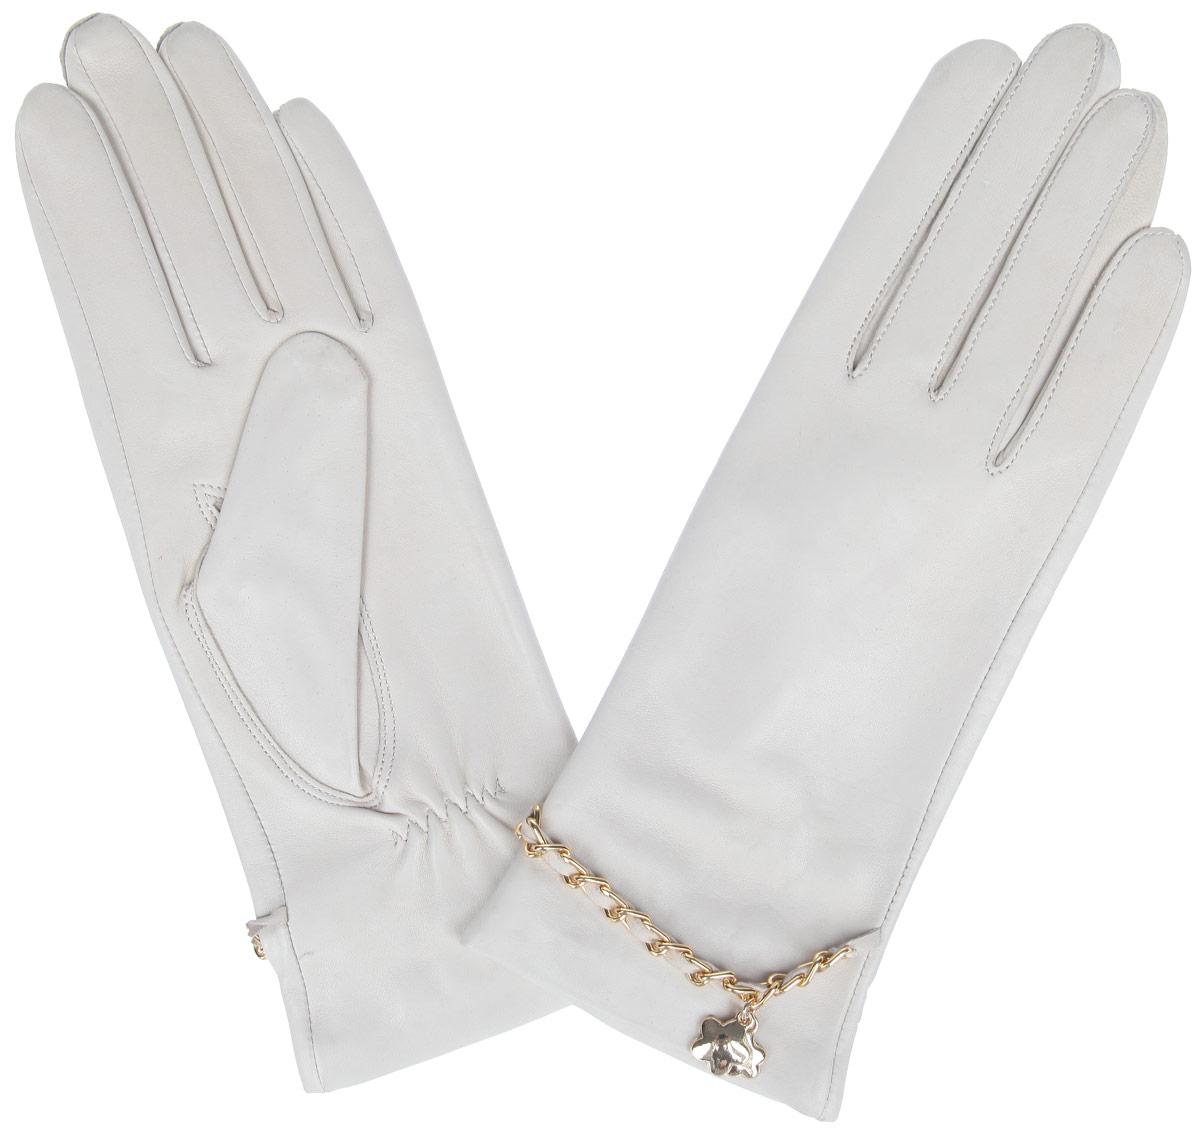 Перчатки женские Eleganzza, цвет: светло-бежевый. HP294. Размер 6,5HP294Стильные женские перчатки Eleganzza не только защитят ваши руки от холода, но и станут великолепным украшением. Перчатки выполнены из натуральной кожи ягненка на шелковой подкладке. На тыльной стороне имеется небольшая сборка резинкой для того, чтобы перчатки лучше сидели. Оформлено изделие цепочкой, переплетенной с кожаным ремешком и украшенной подвеской в виде цветочков.В настоящее время перчатки являются неотъемлемой принадлежностью одежды, вместе с этим аксессуаром вы обретаете женственность и элегантность. Перчатки станут завершающим и подчеркивающим элементом вашего стиля и неповторимости.